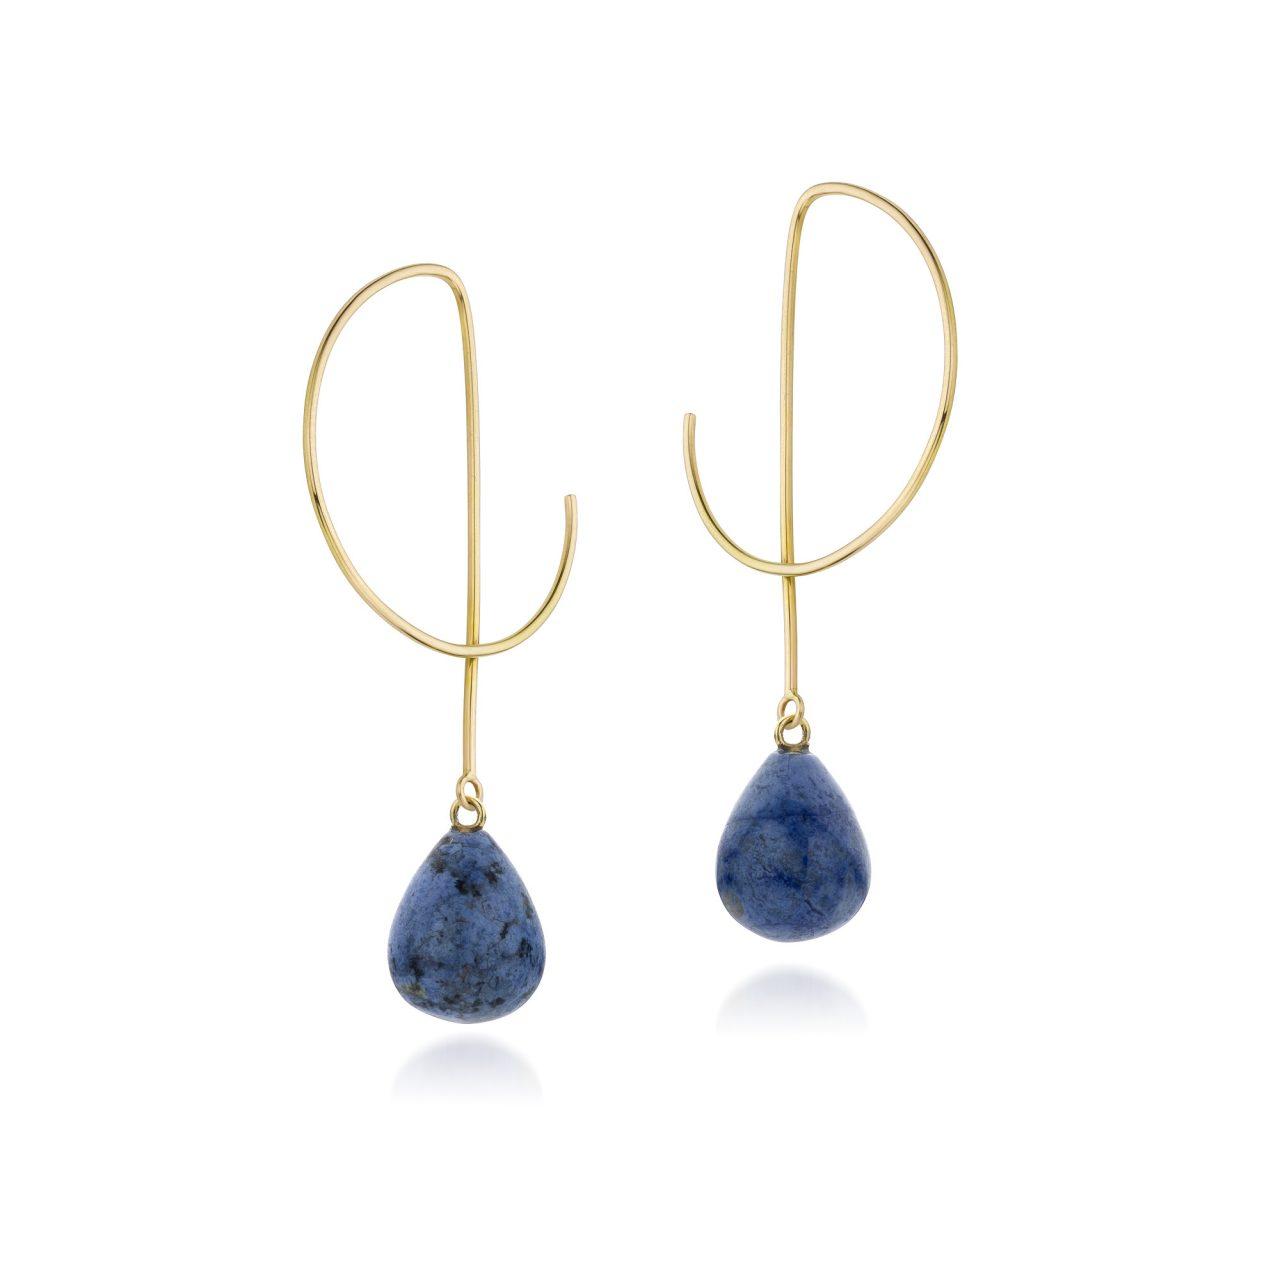 Oorbellen Laura dumorturiet geelgoud creolen blauw edelstenen